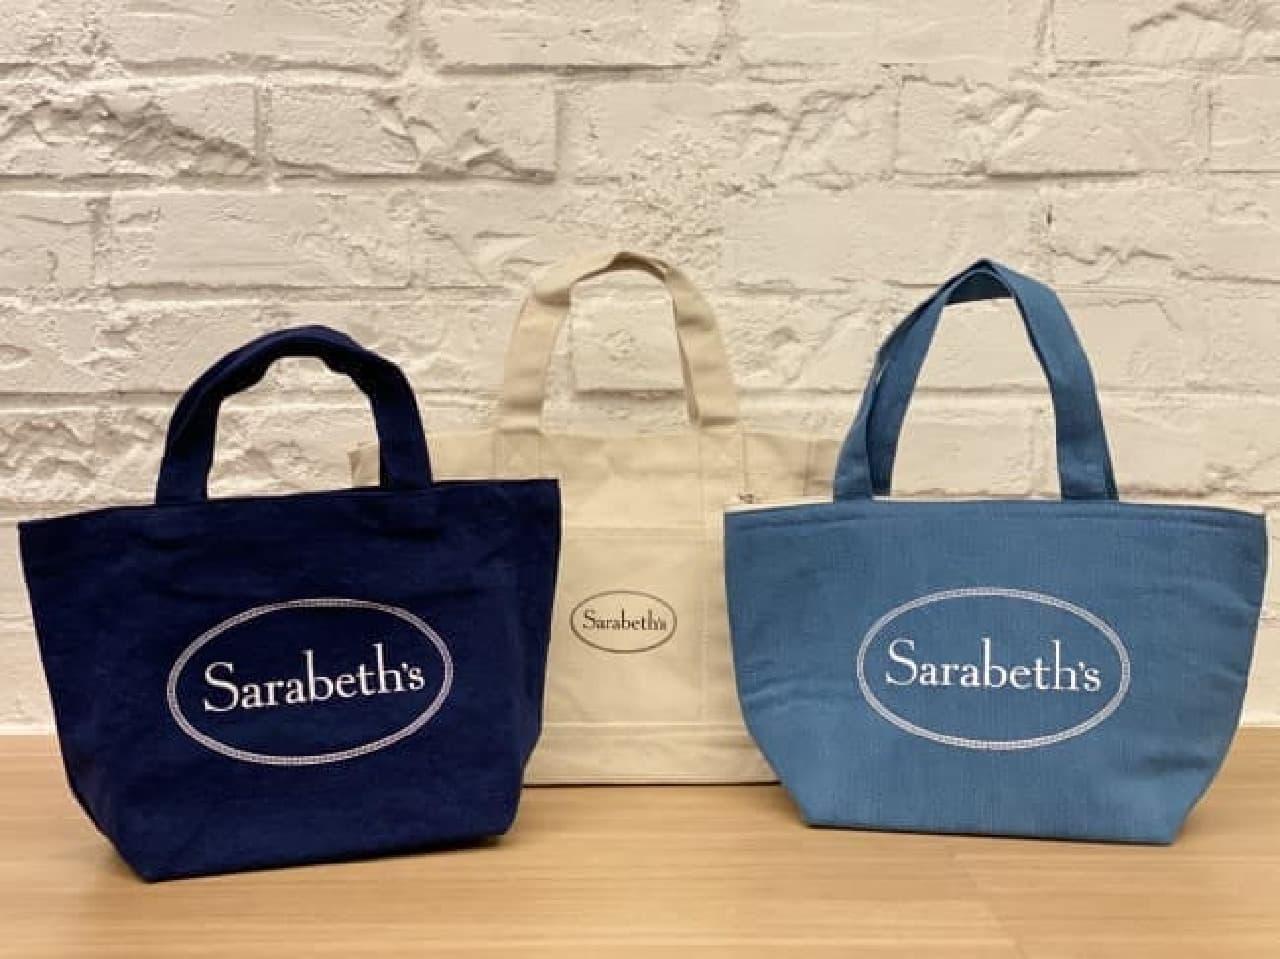 ニューヨーク発祥「サラベス」のトートバッグが20%オフに -- エコバッグやサブバッグに便利な3種類